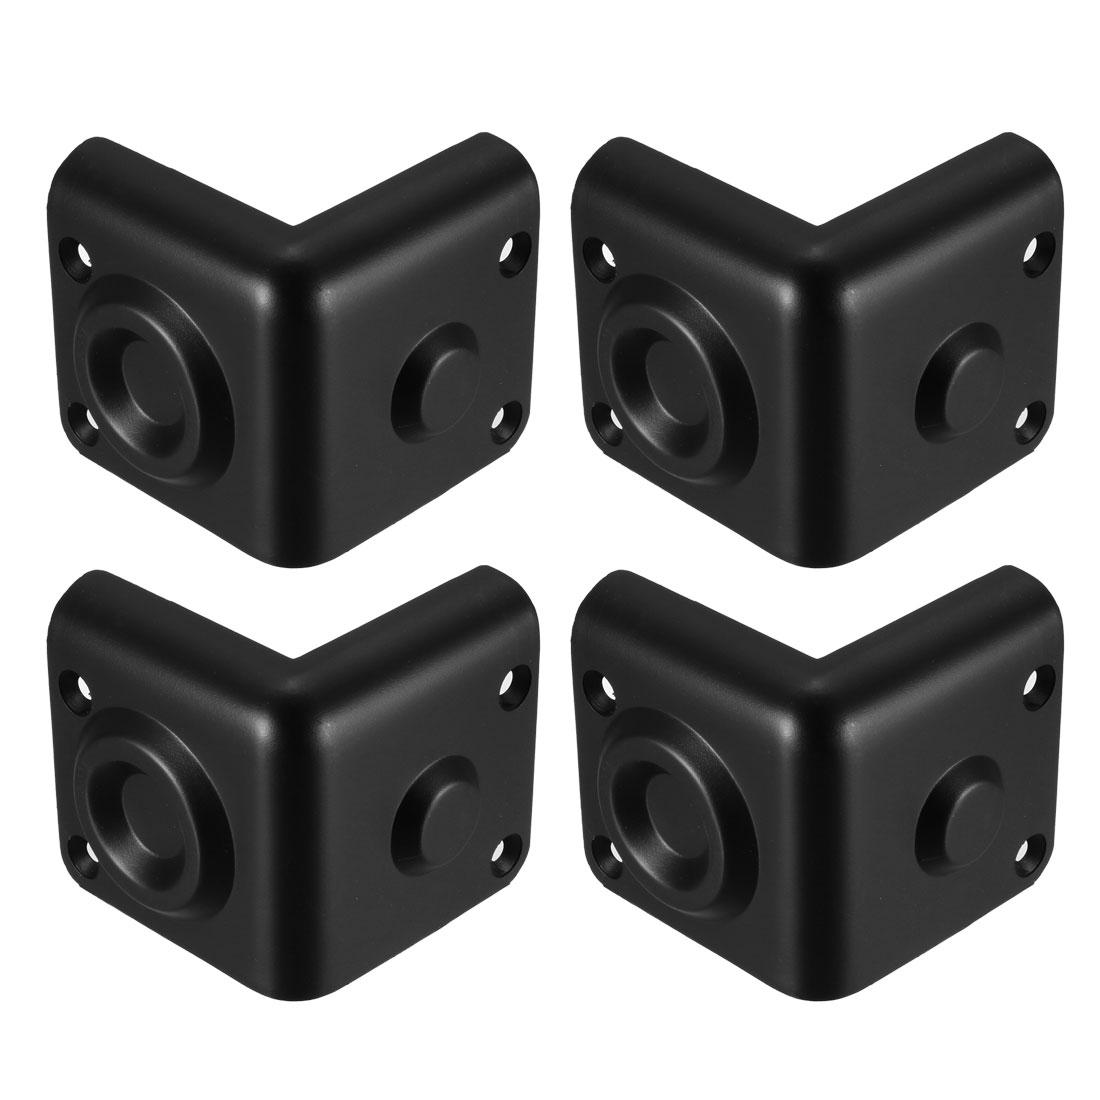 Plactic Box Corner Protectors Edge Guard Protector 70 x 70 x 67mm 4pcs